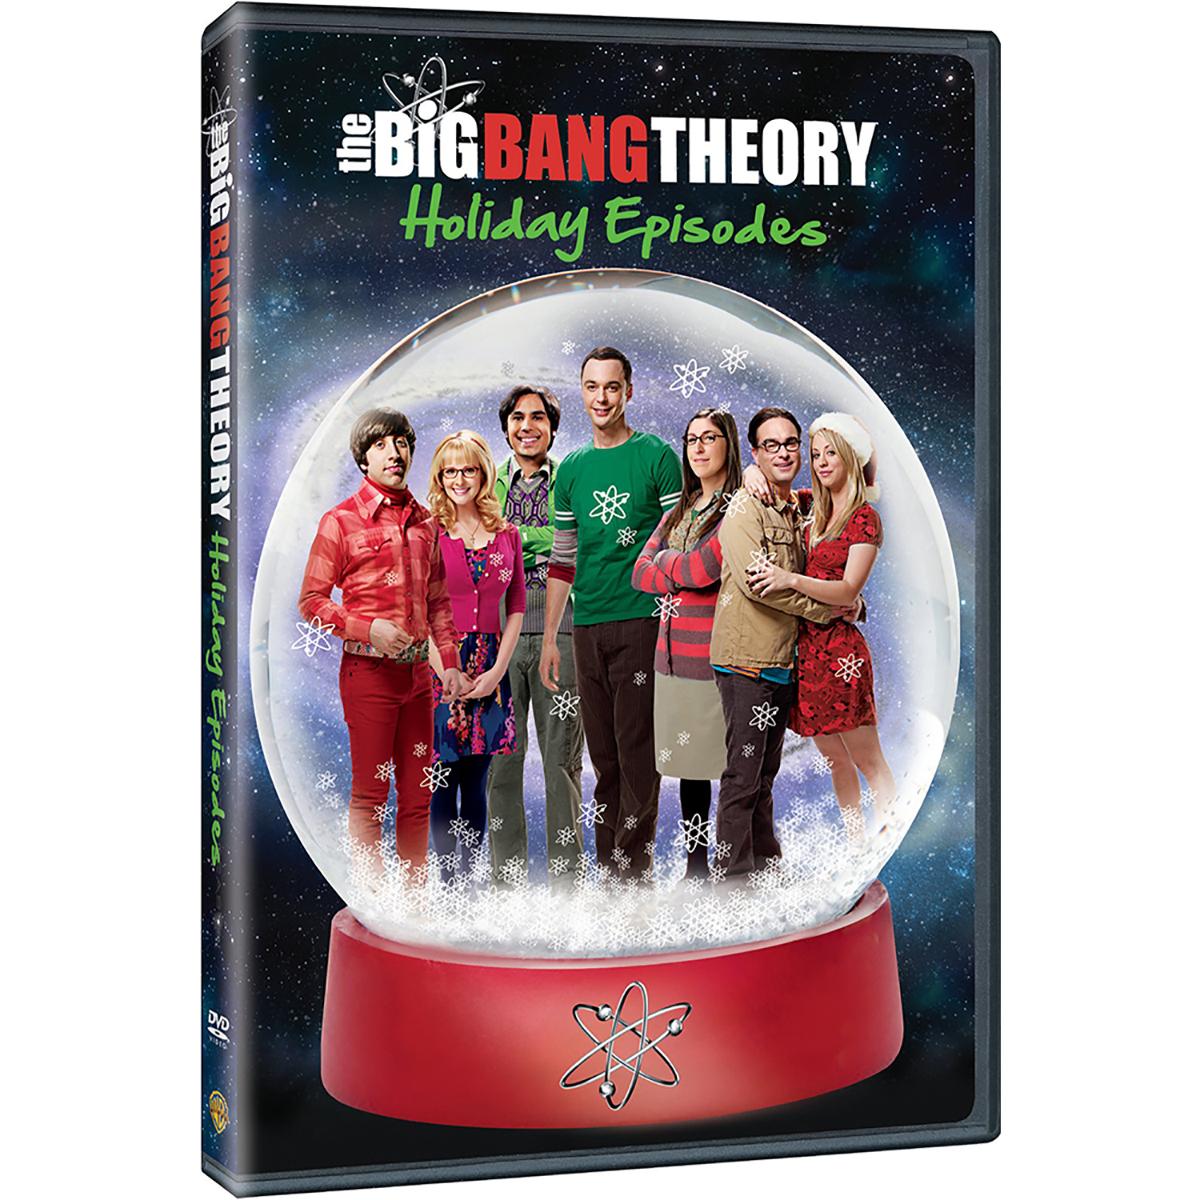 The Big Bang Theory: Holiday Episodes DVD